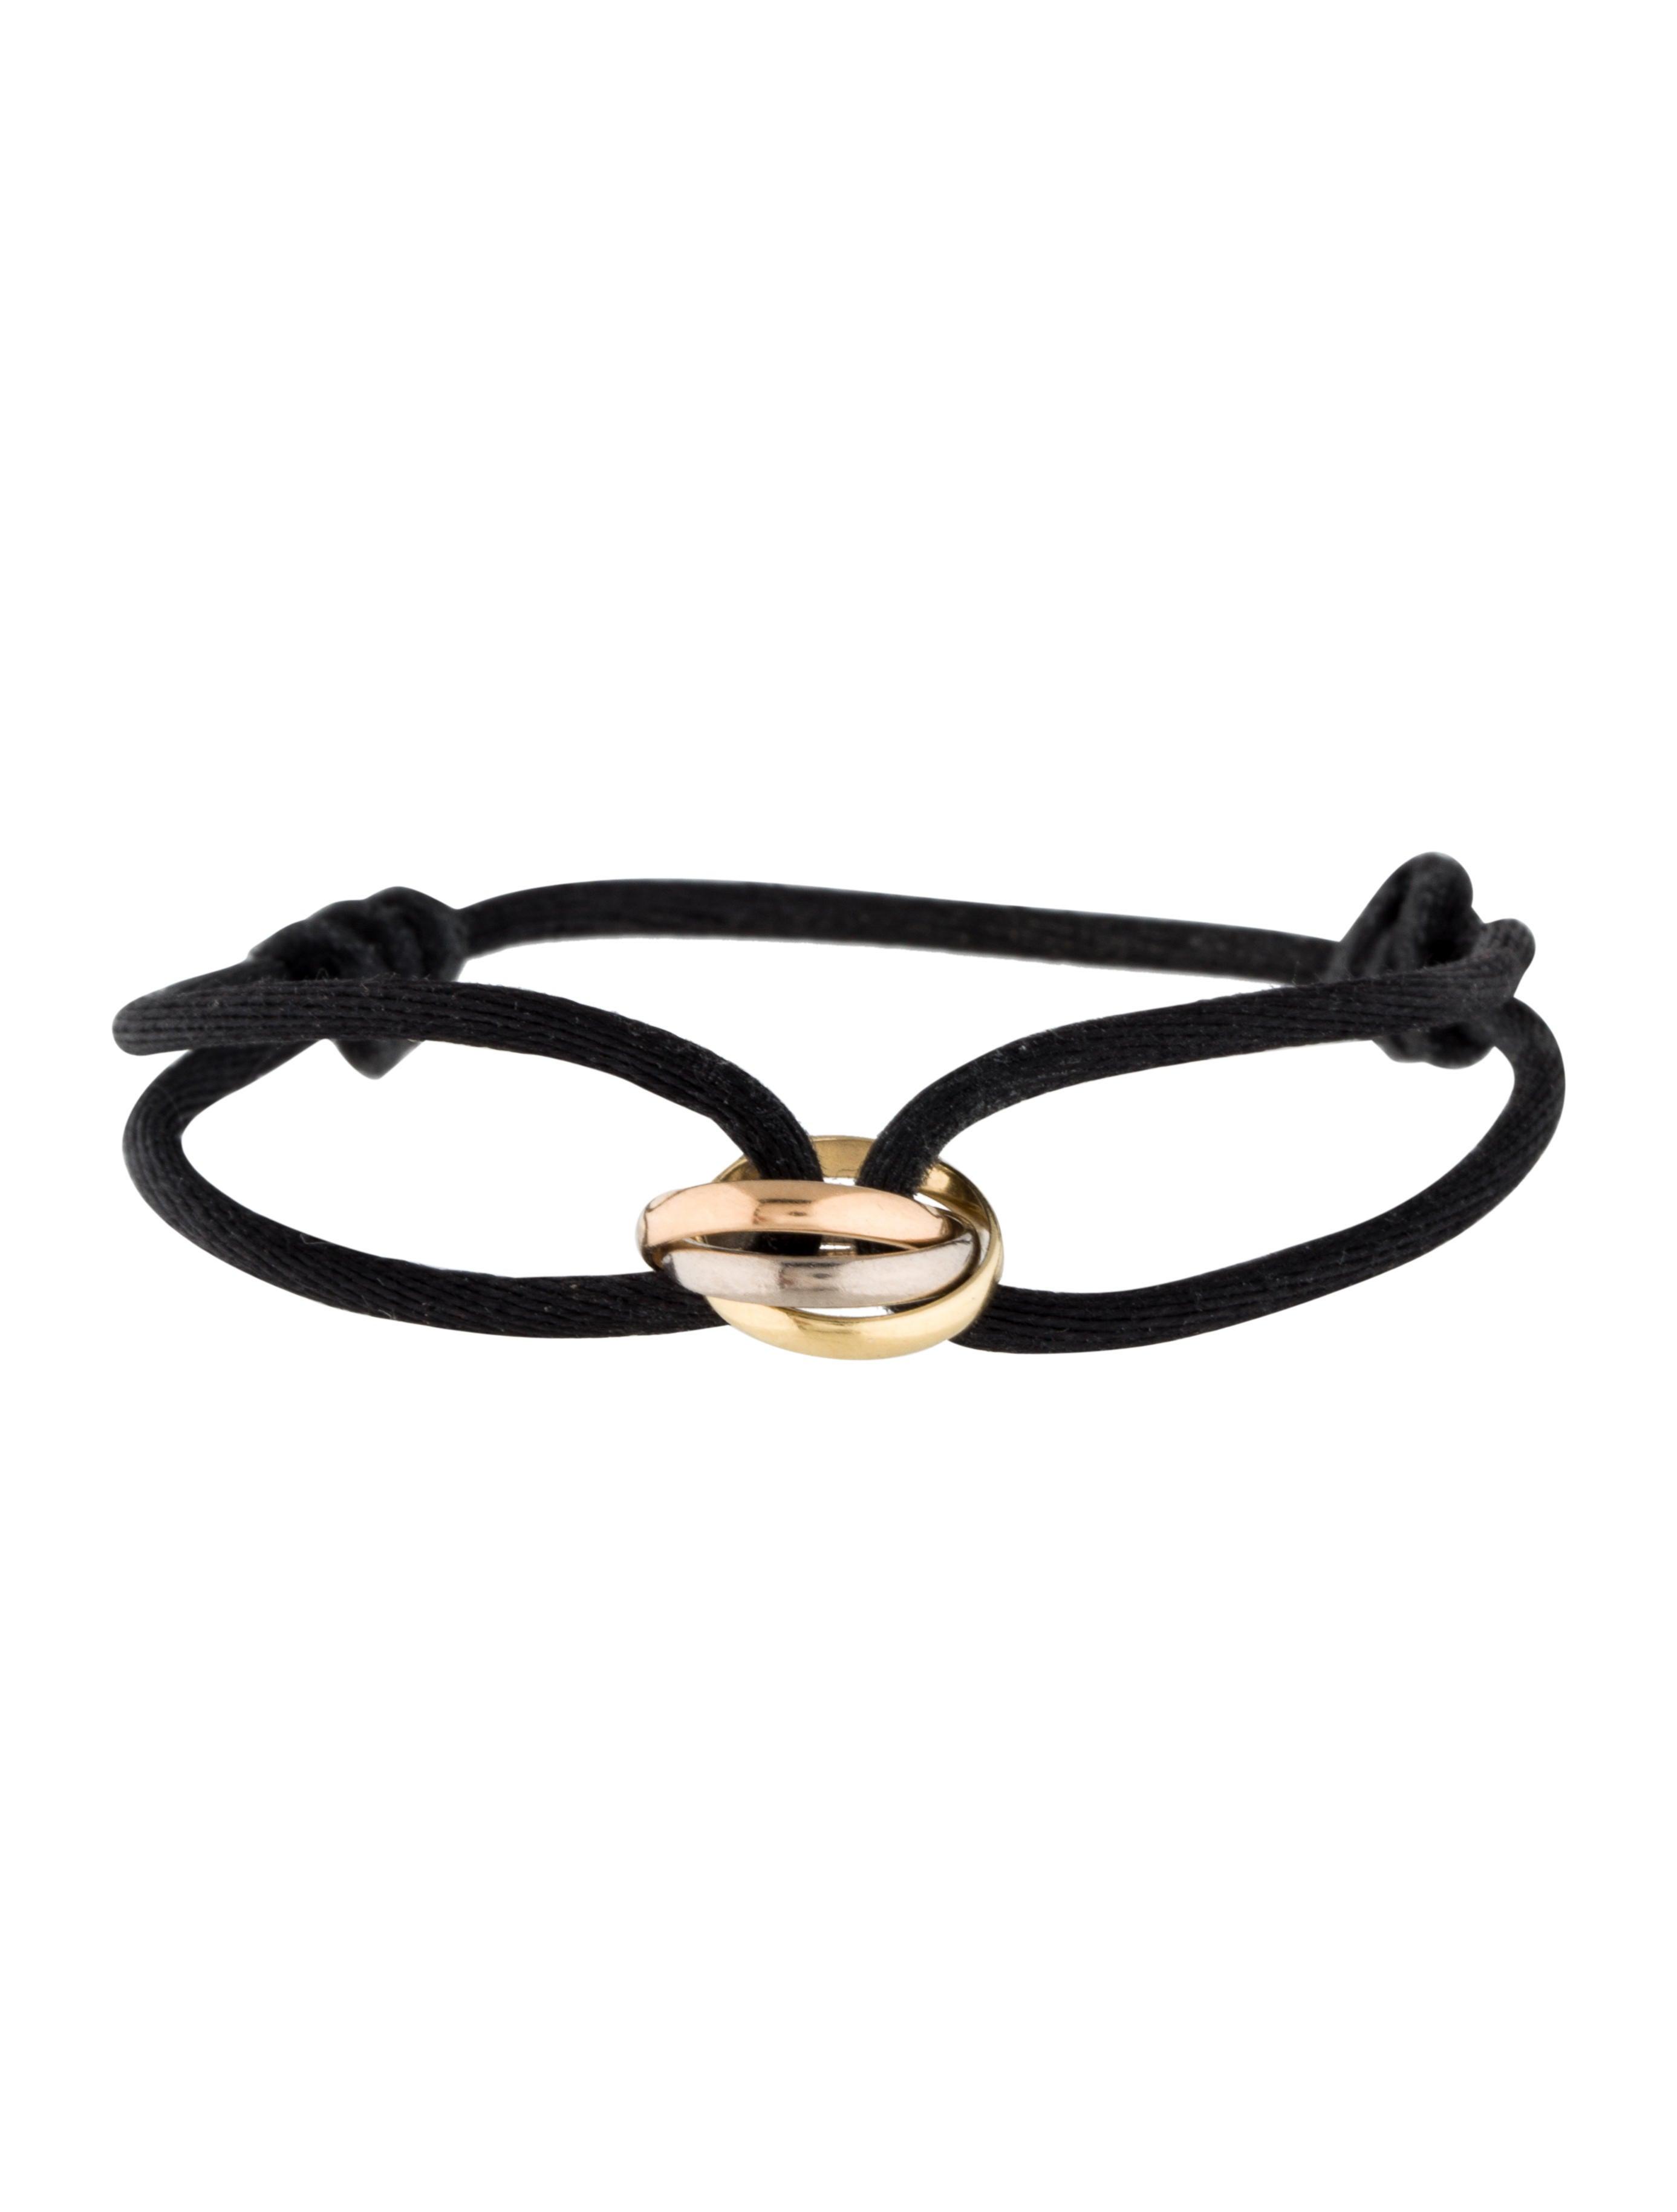 Image Result For Cartier Com Bracelet